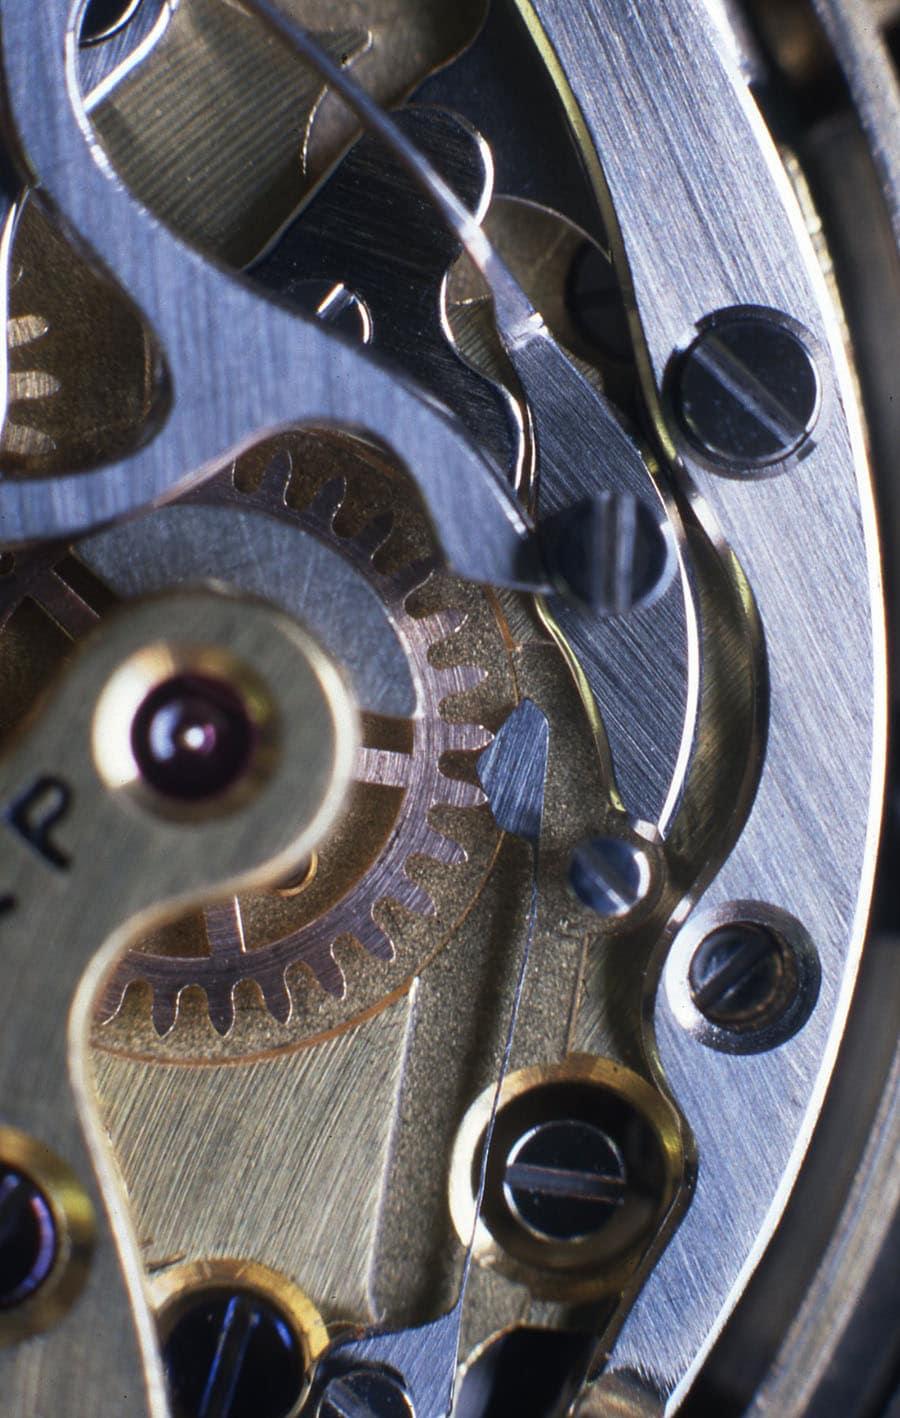 Die Grand Complication 5 ist ein Säulenrad-Chronograph